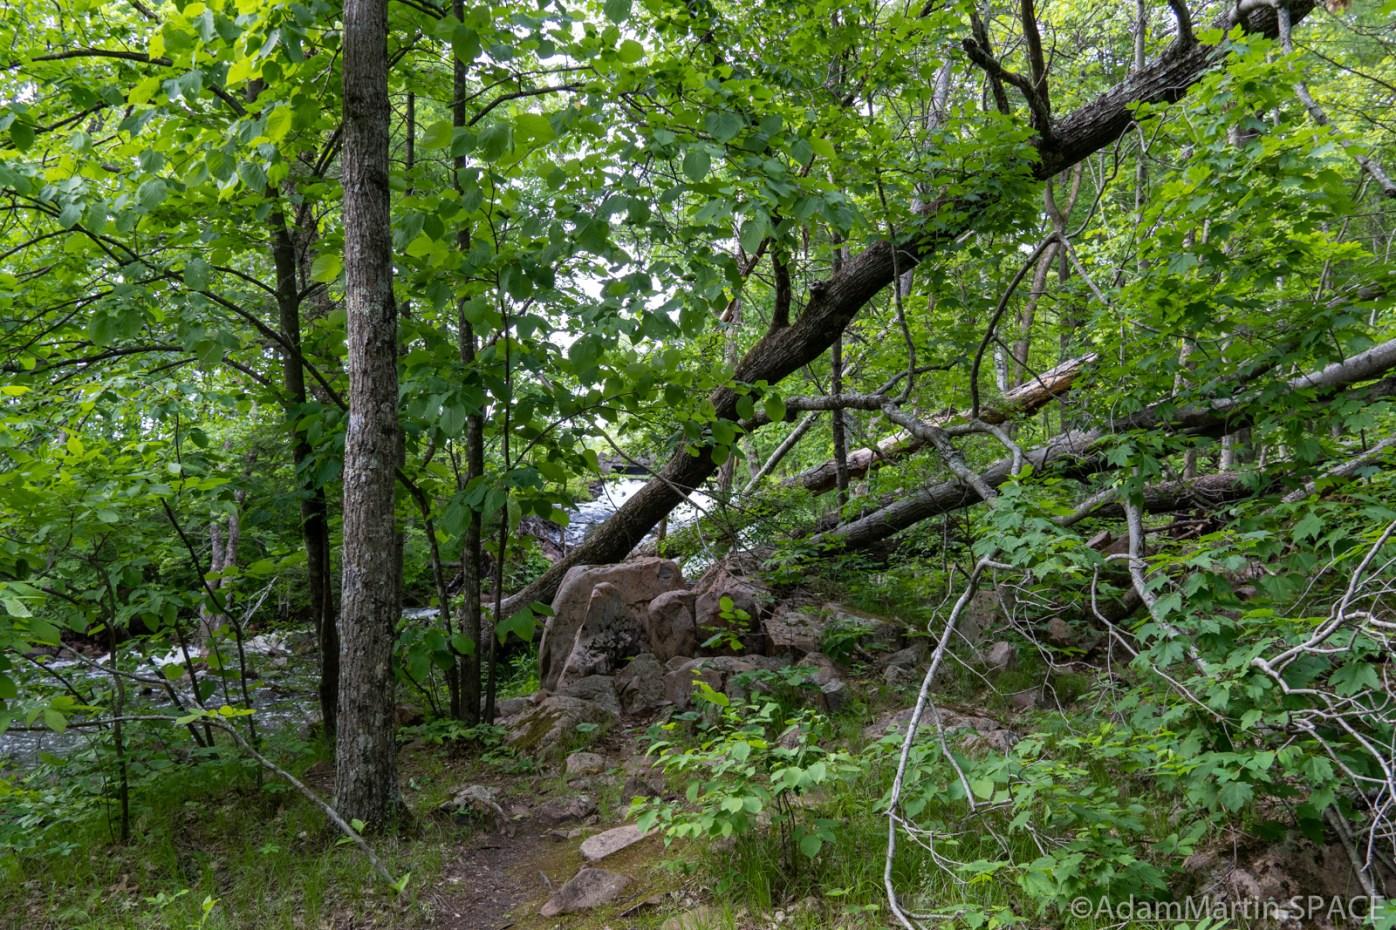 Keller Lake Falls - Downed trees blocking some paths